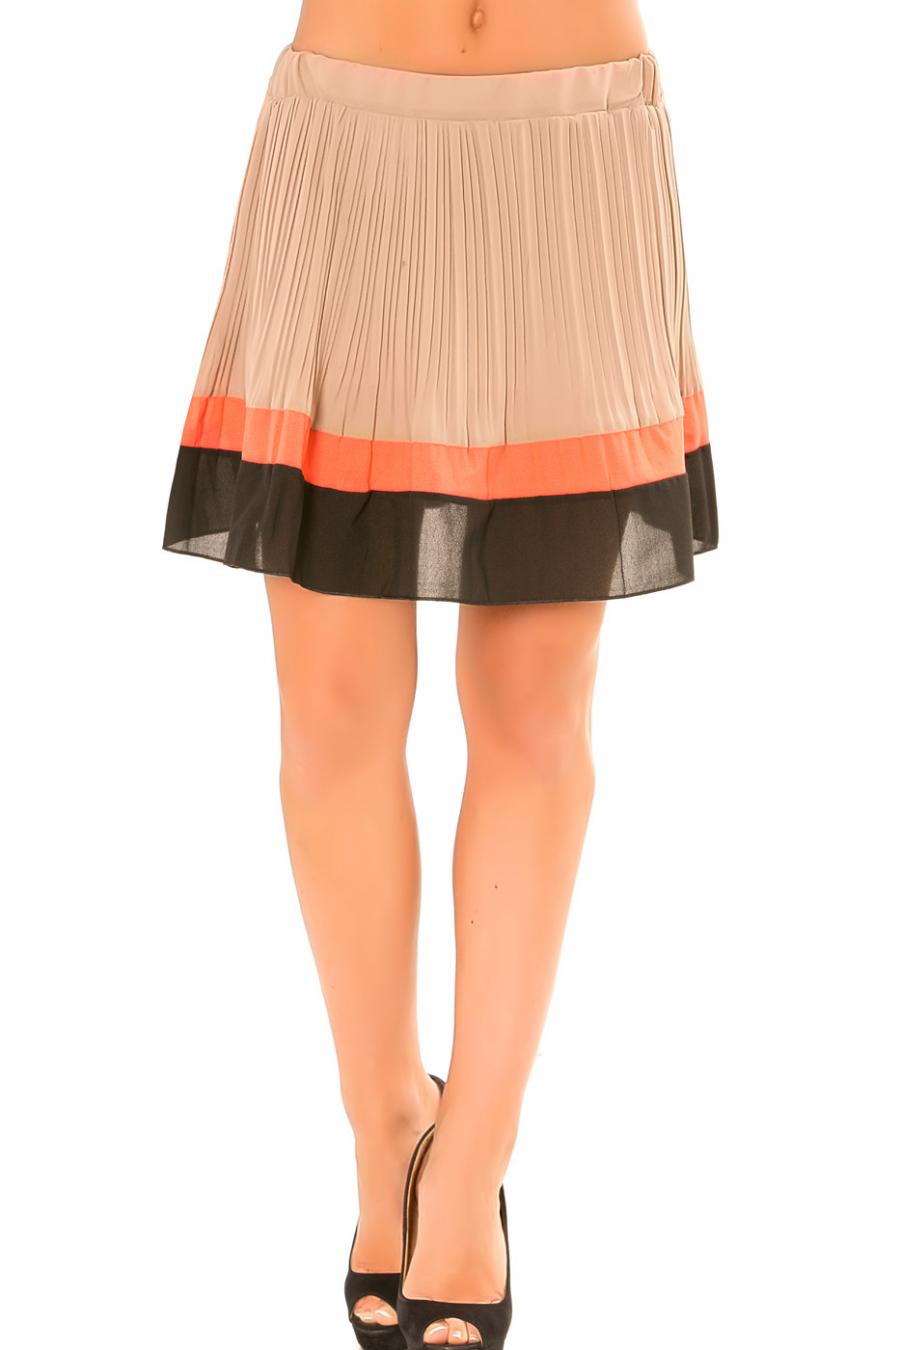 Jupe Taupe plissé à bordure orange et noire. 6082